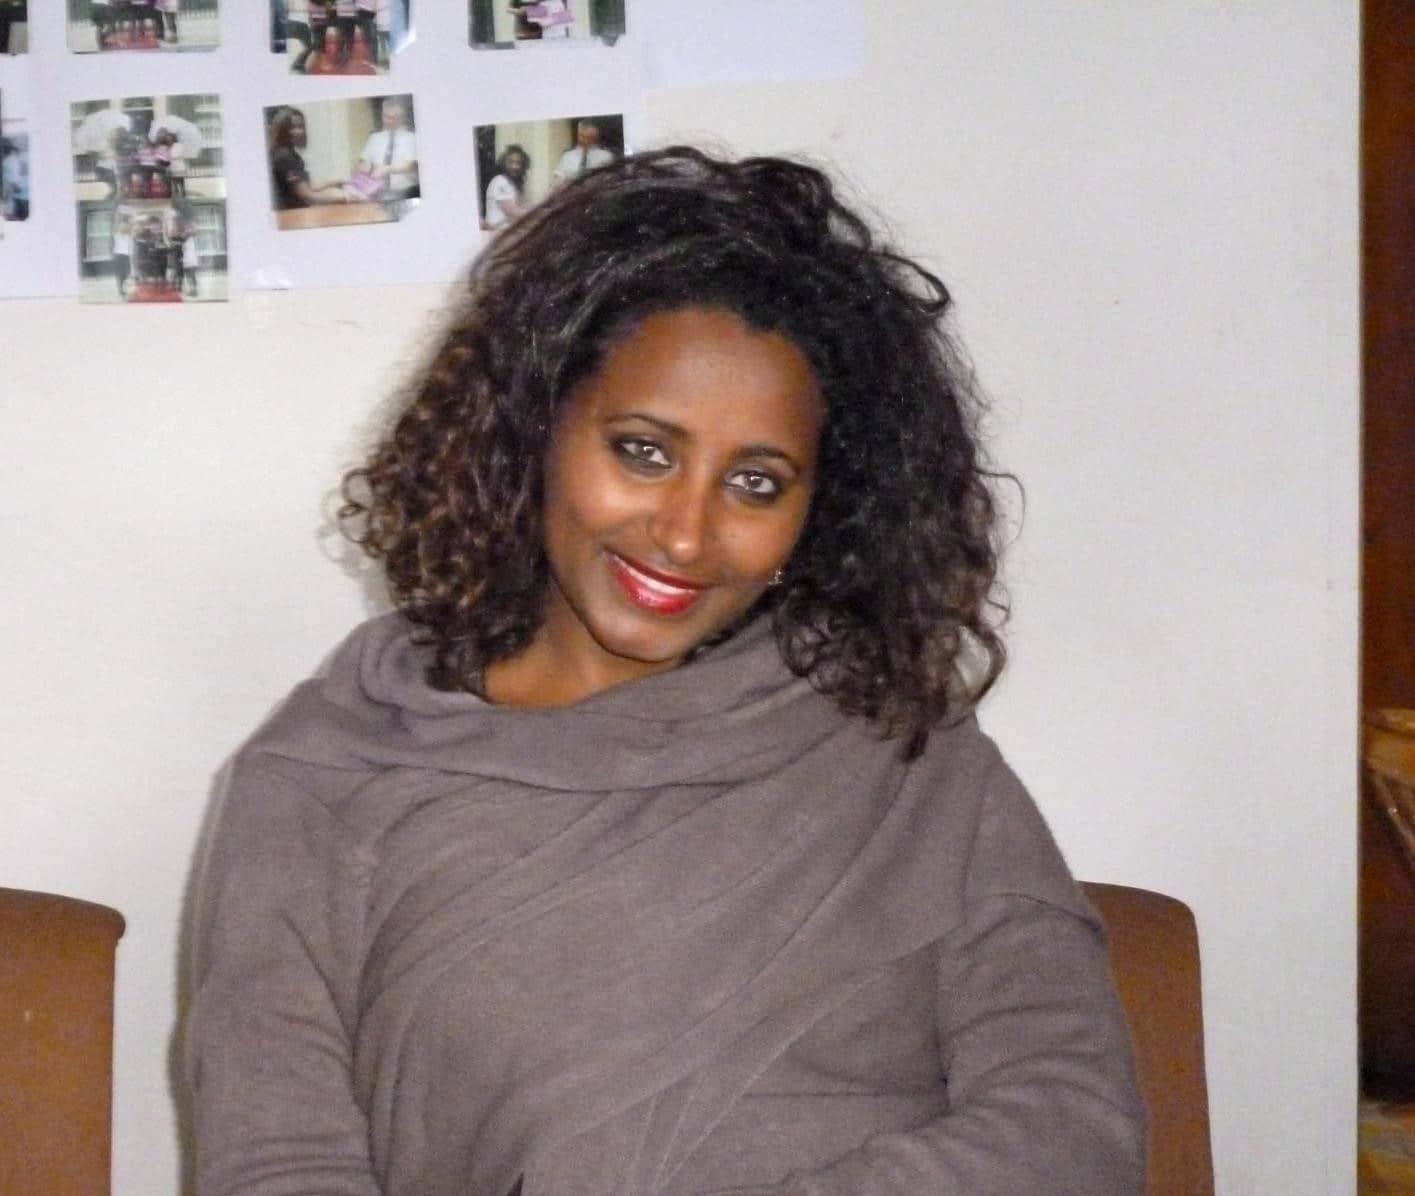 Bethel TesfyeTekle, Addis Ababa, Ethiopia